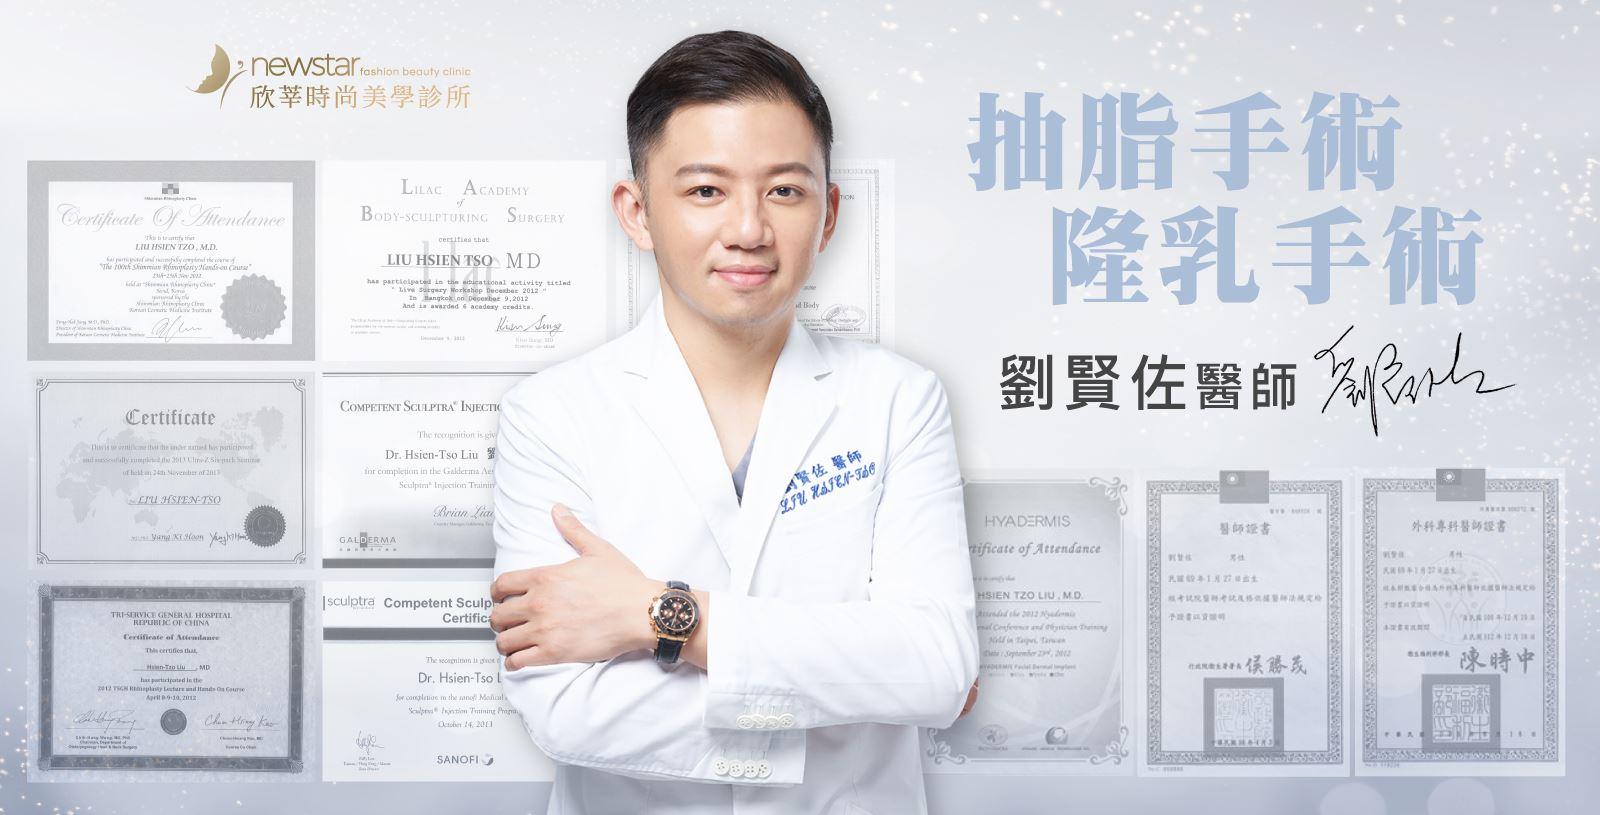 抽脂手術 隆乳手術 劉賢佐院長